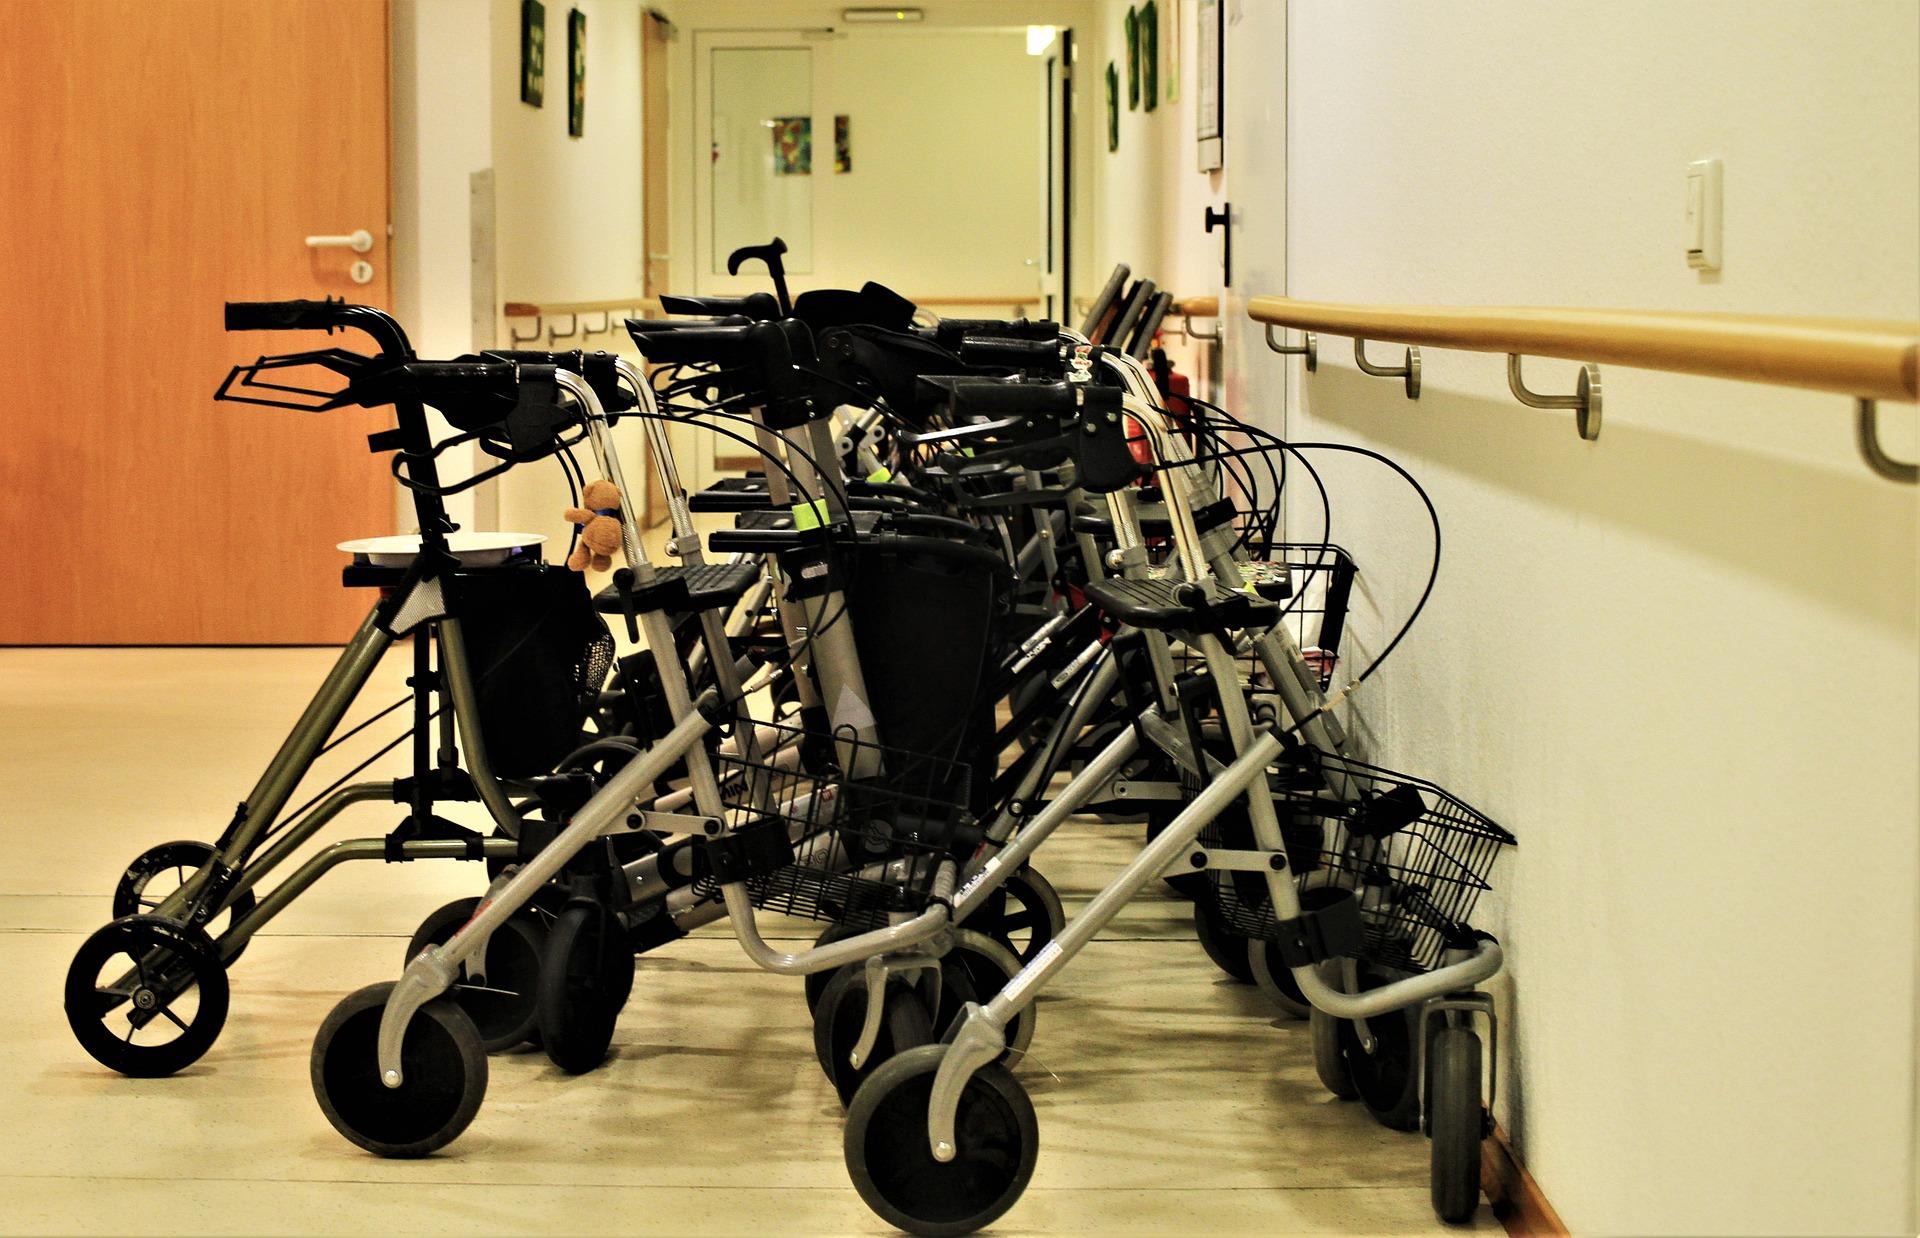 Moet RIVM-baas excuses maken voor uitspraken zorgmedewerkers verpleeghuizen?